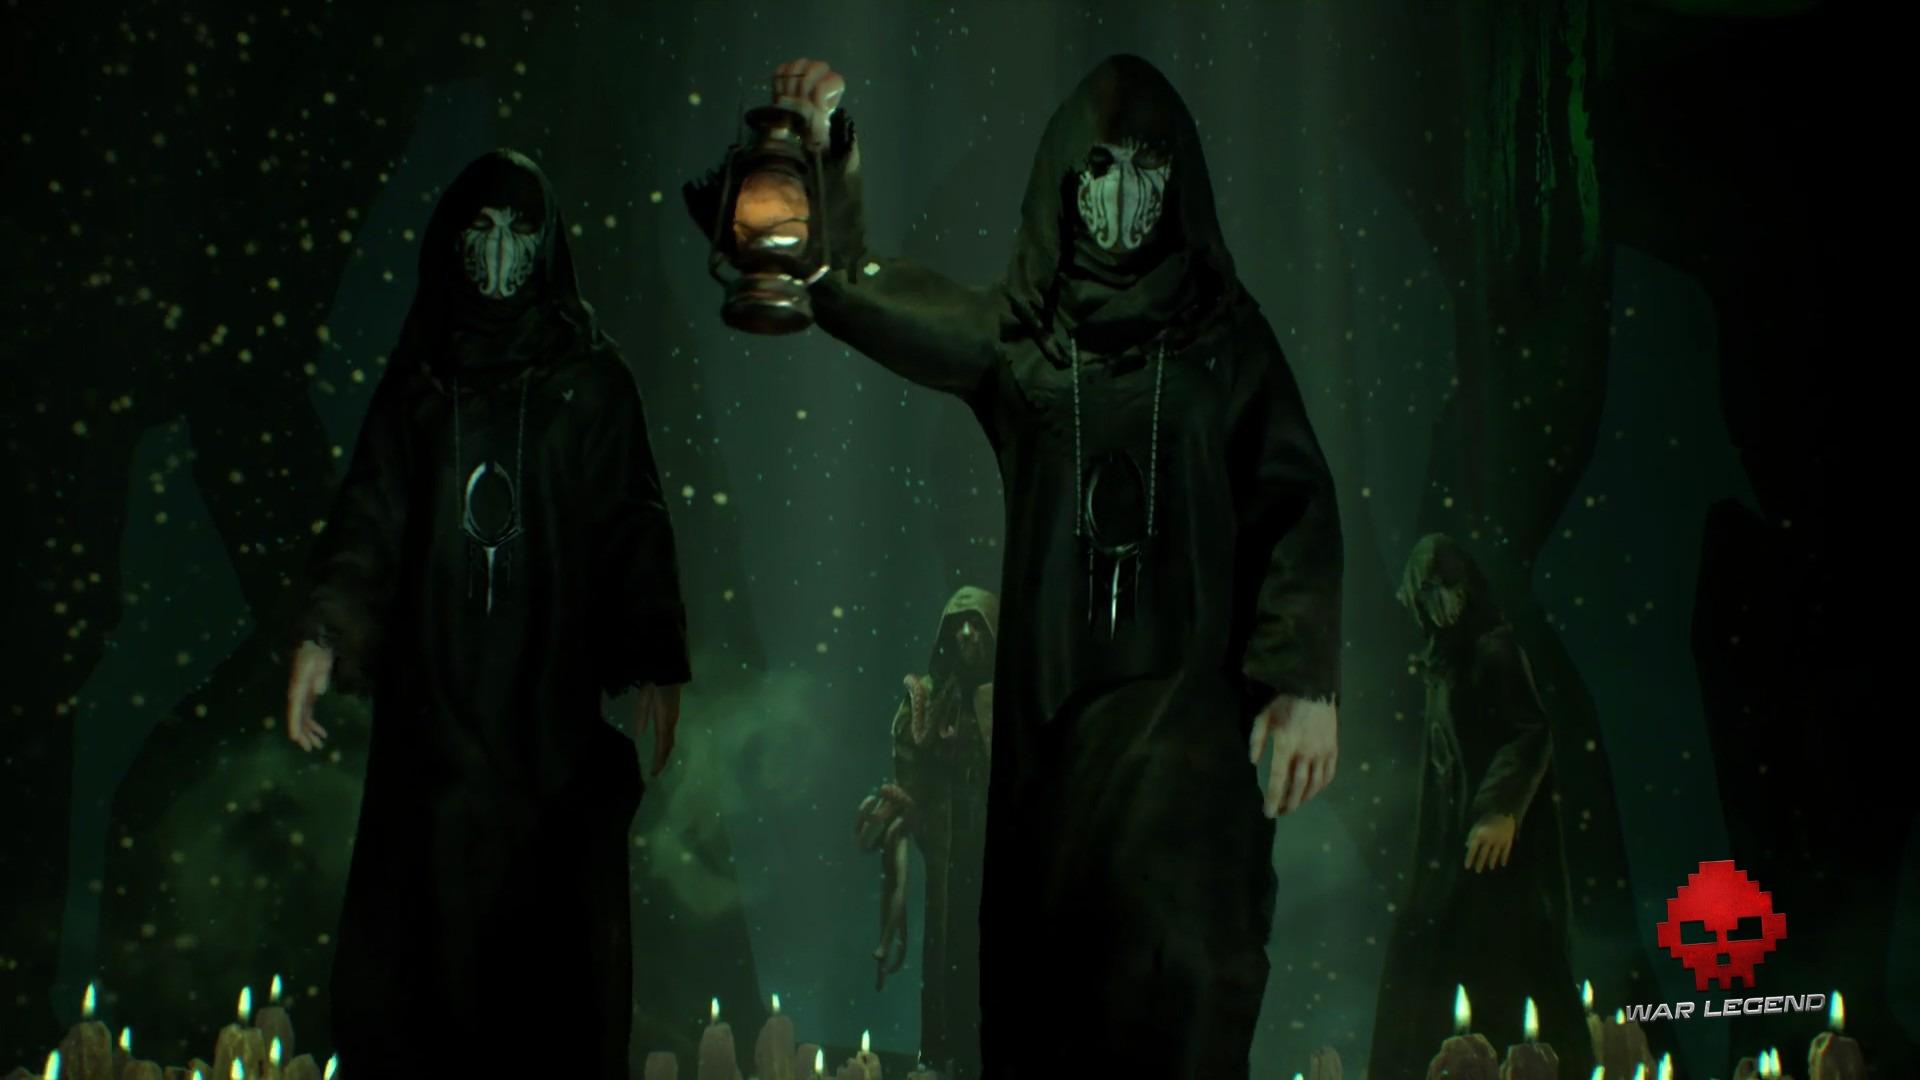 Des cultistes masqués qui marchent